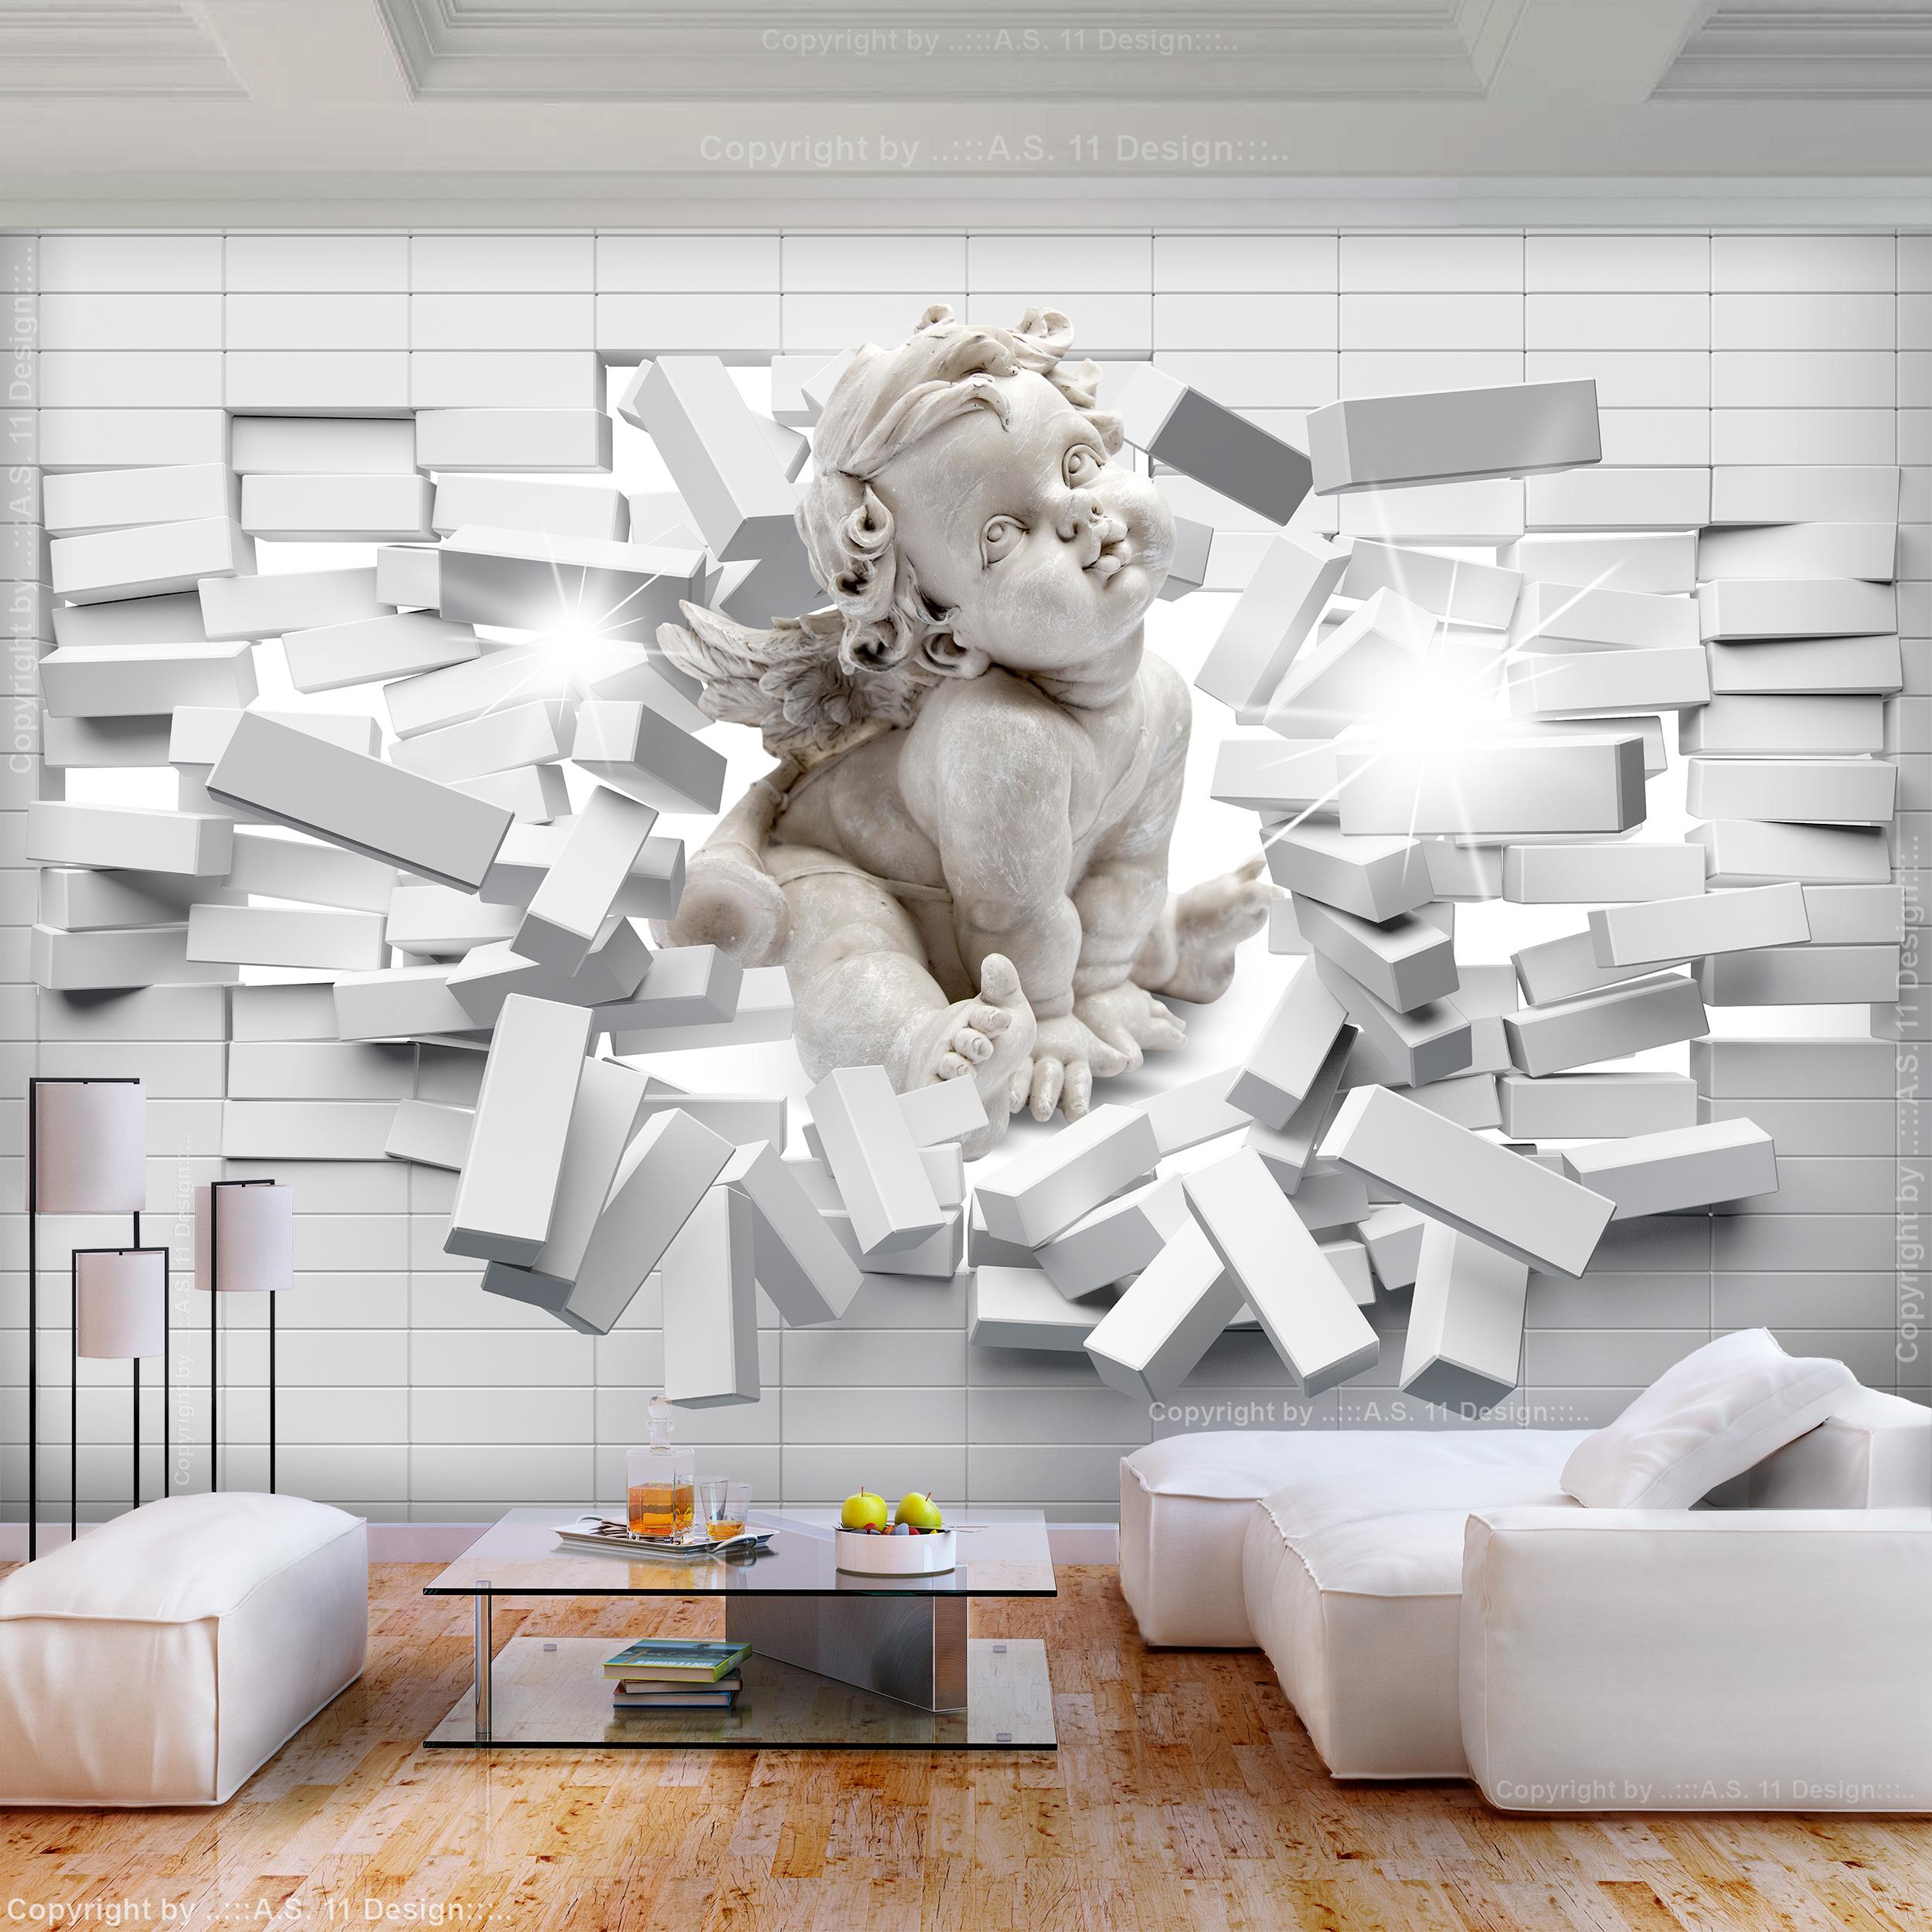 Full Size of Wohnzimmer Deckenleuchte Wohnwand Pendelleuchte Komplett Bilder Fürs Moderne Schrankwand Lampen Sessel Liege Stehlampe Wohnzimmer Wohnzimmer Tapeten